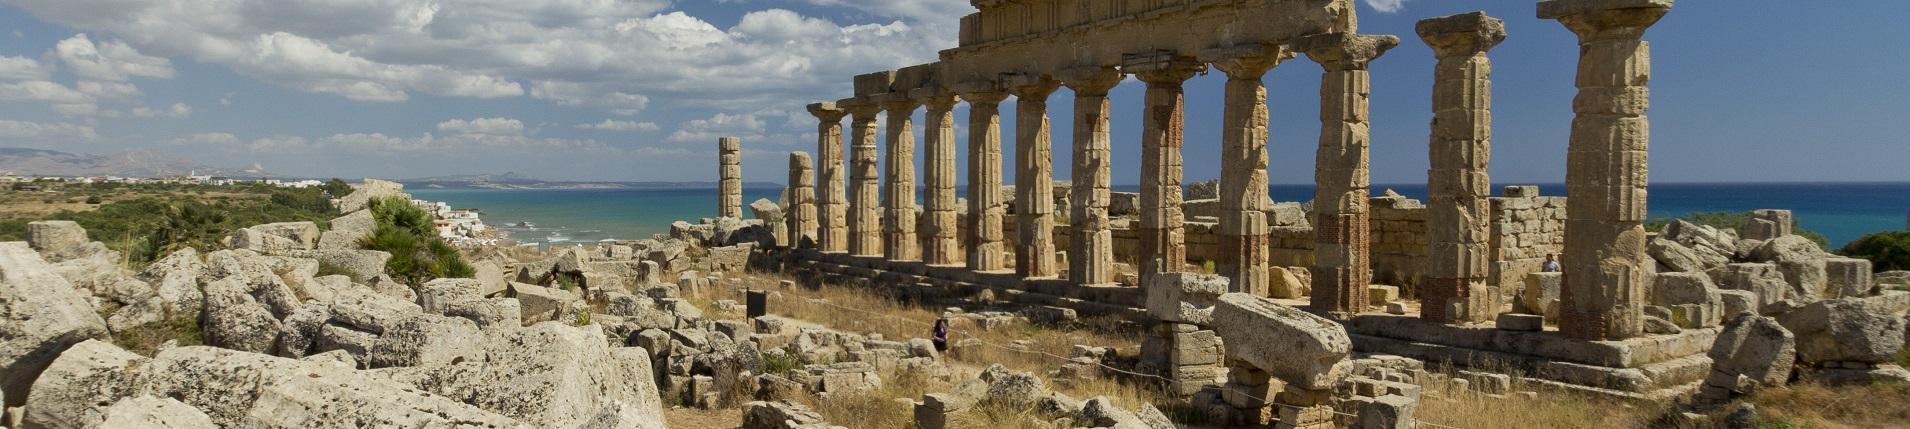 Ville in Sicilia con attivita' culturali